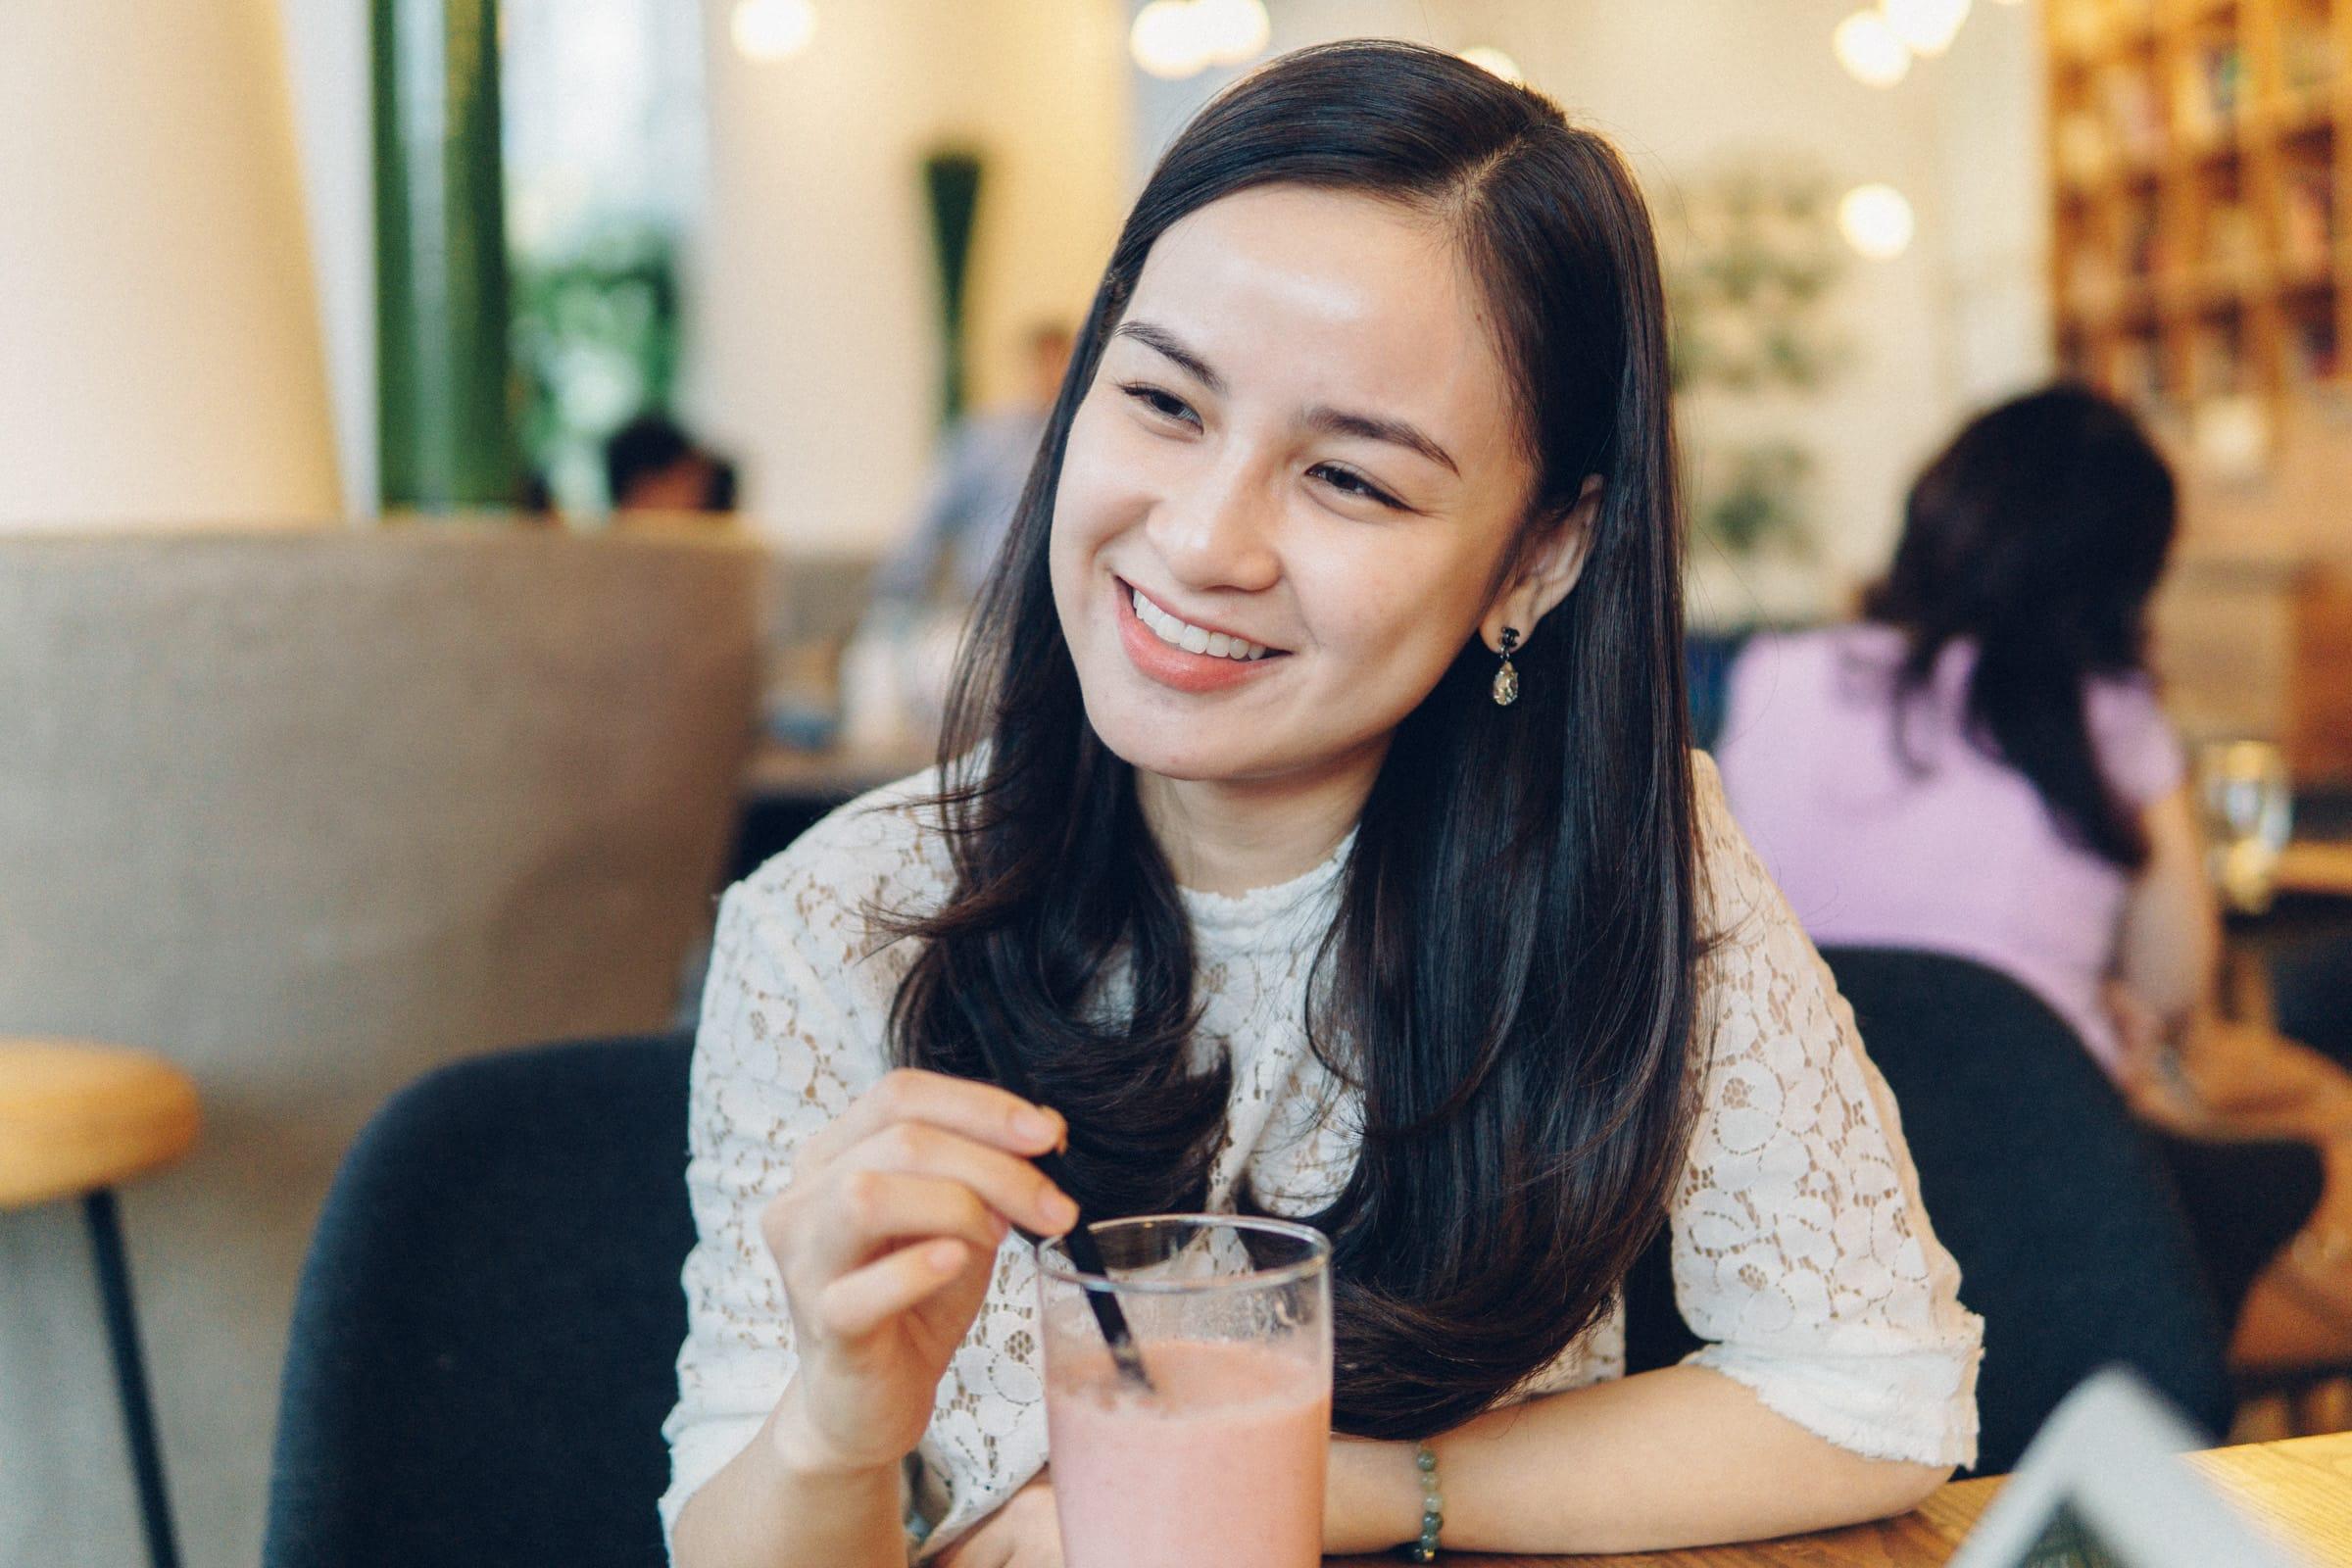 Hien Vo and ÉP Pressed Juice: An Advertising Agency Veteran Turned Juice Entrepreneur